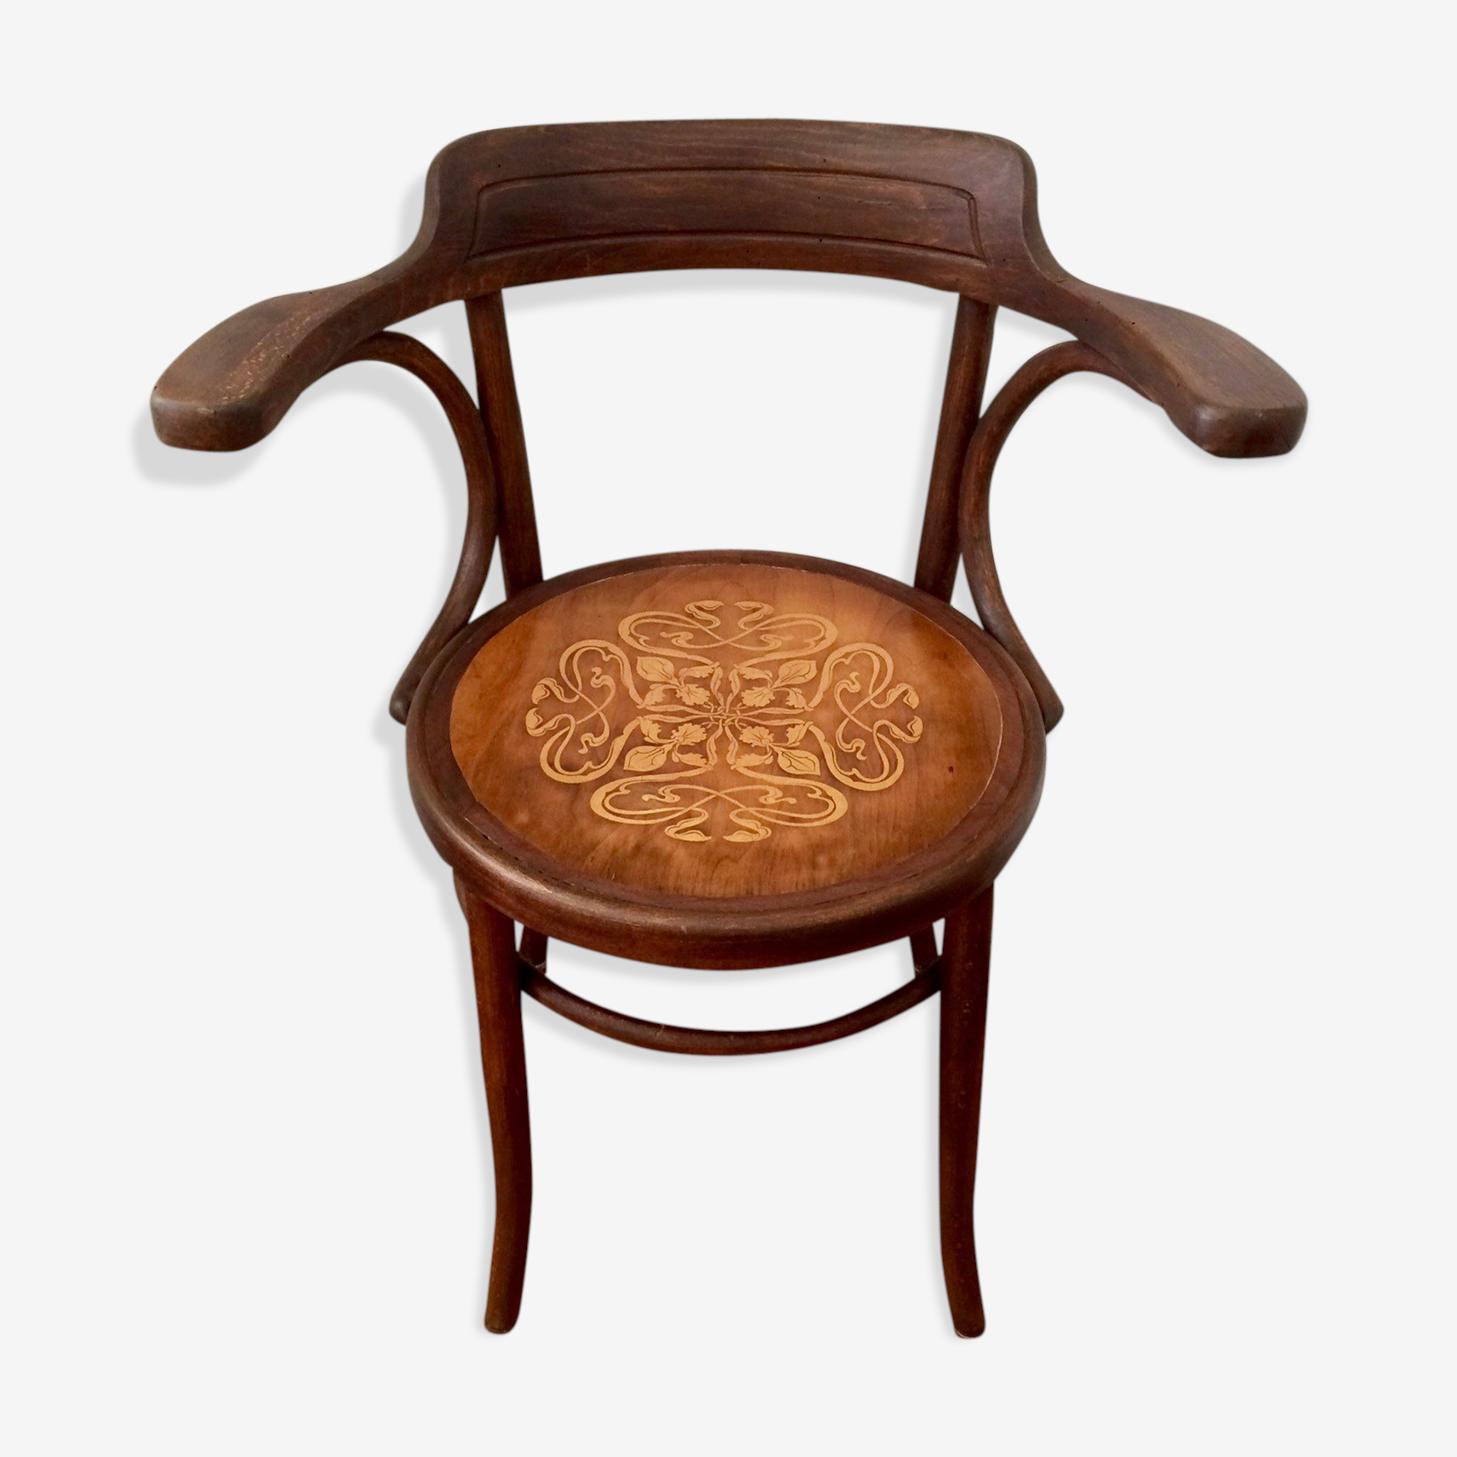 Fischel n2 model chair